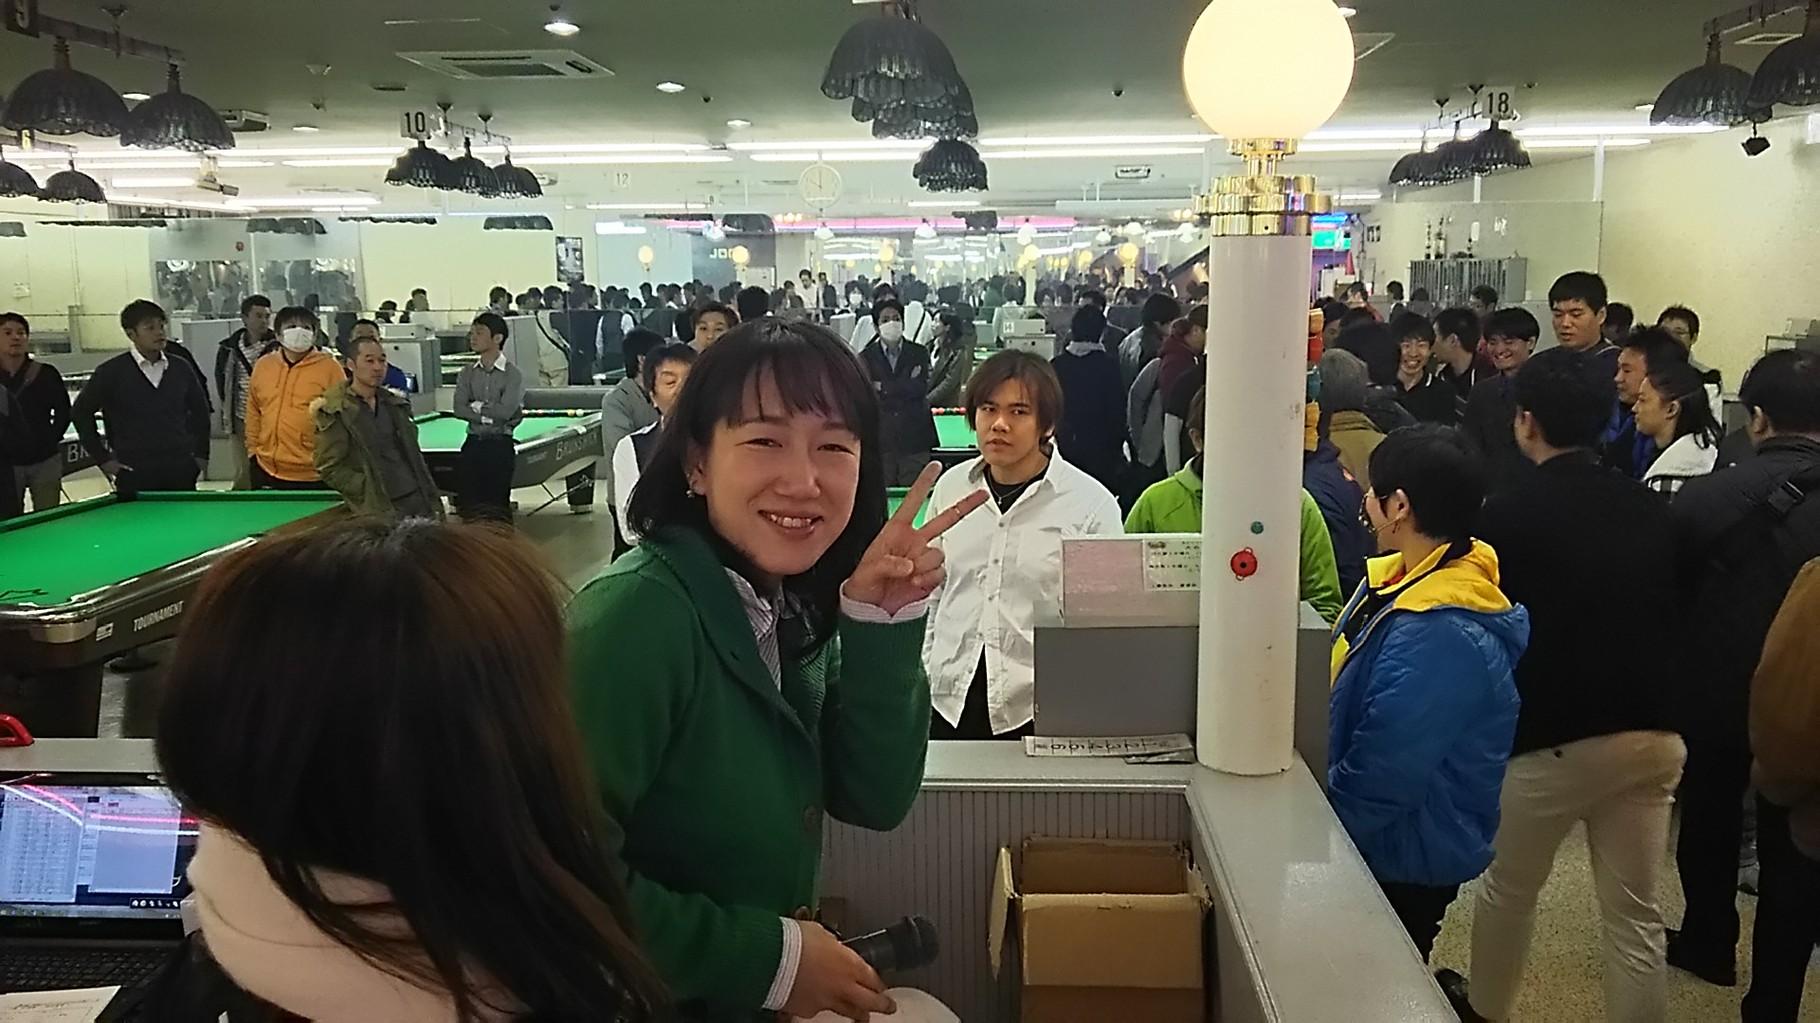 運営席側からパチリ!ピースされてる方は、京都の森田さん。分かりやすい、テキパキとした運営されてましたね。お疲れさまでした。